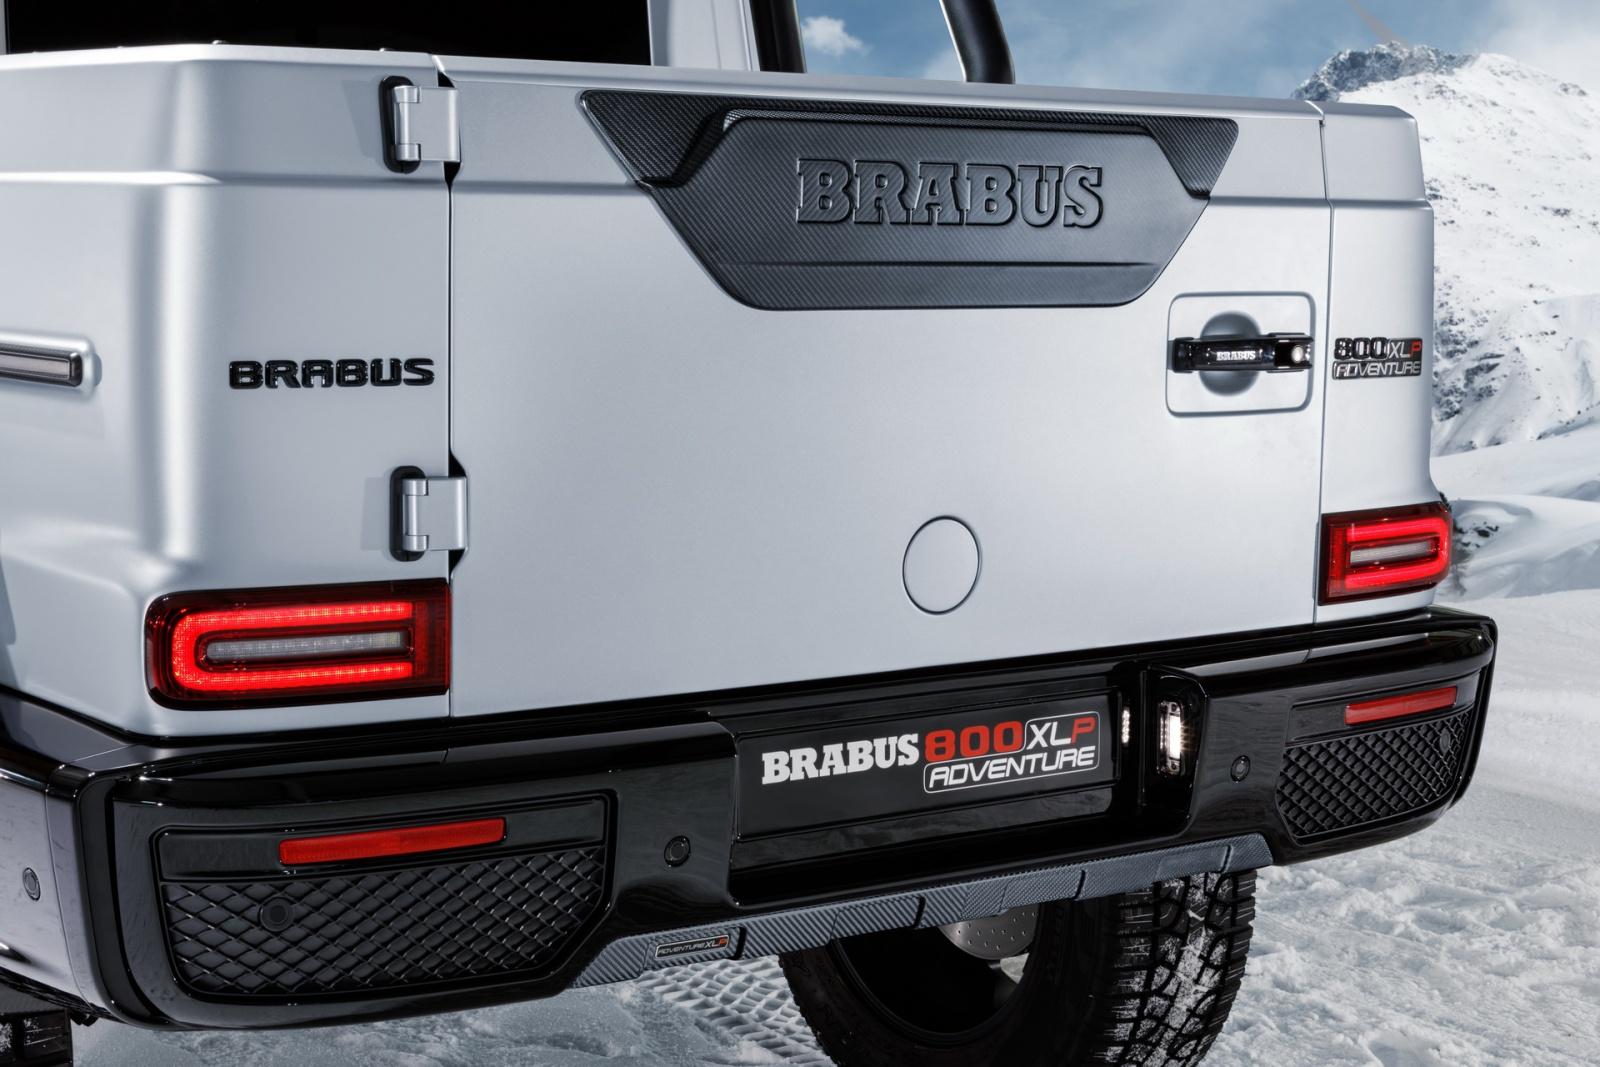 Название: Brabus-800-Adventure-XLP-12.jpg Просмотров: 656  Размер: 453.3 Кб